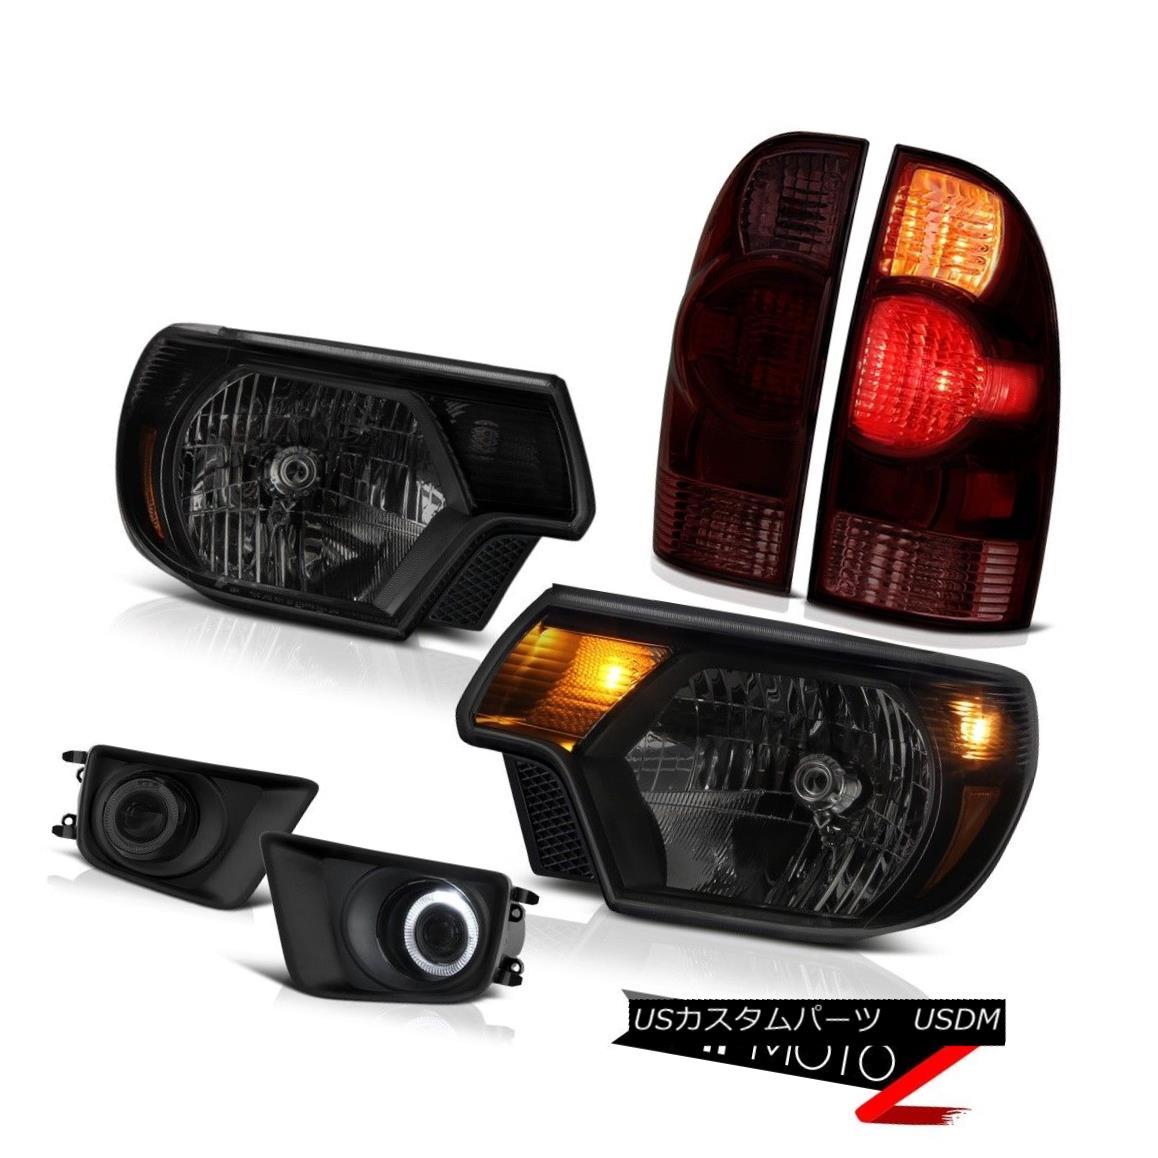 テールライト 12-15 Toyota Tacoma X-Runner Smokey fog lamps headlights tail lights OE Style 12-15トヨタタコマXランナースモーキーフォグランプヘッドライトテールライトOEスタイル